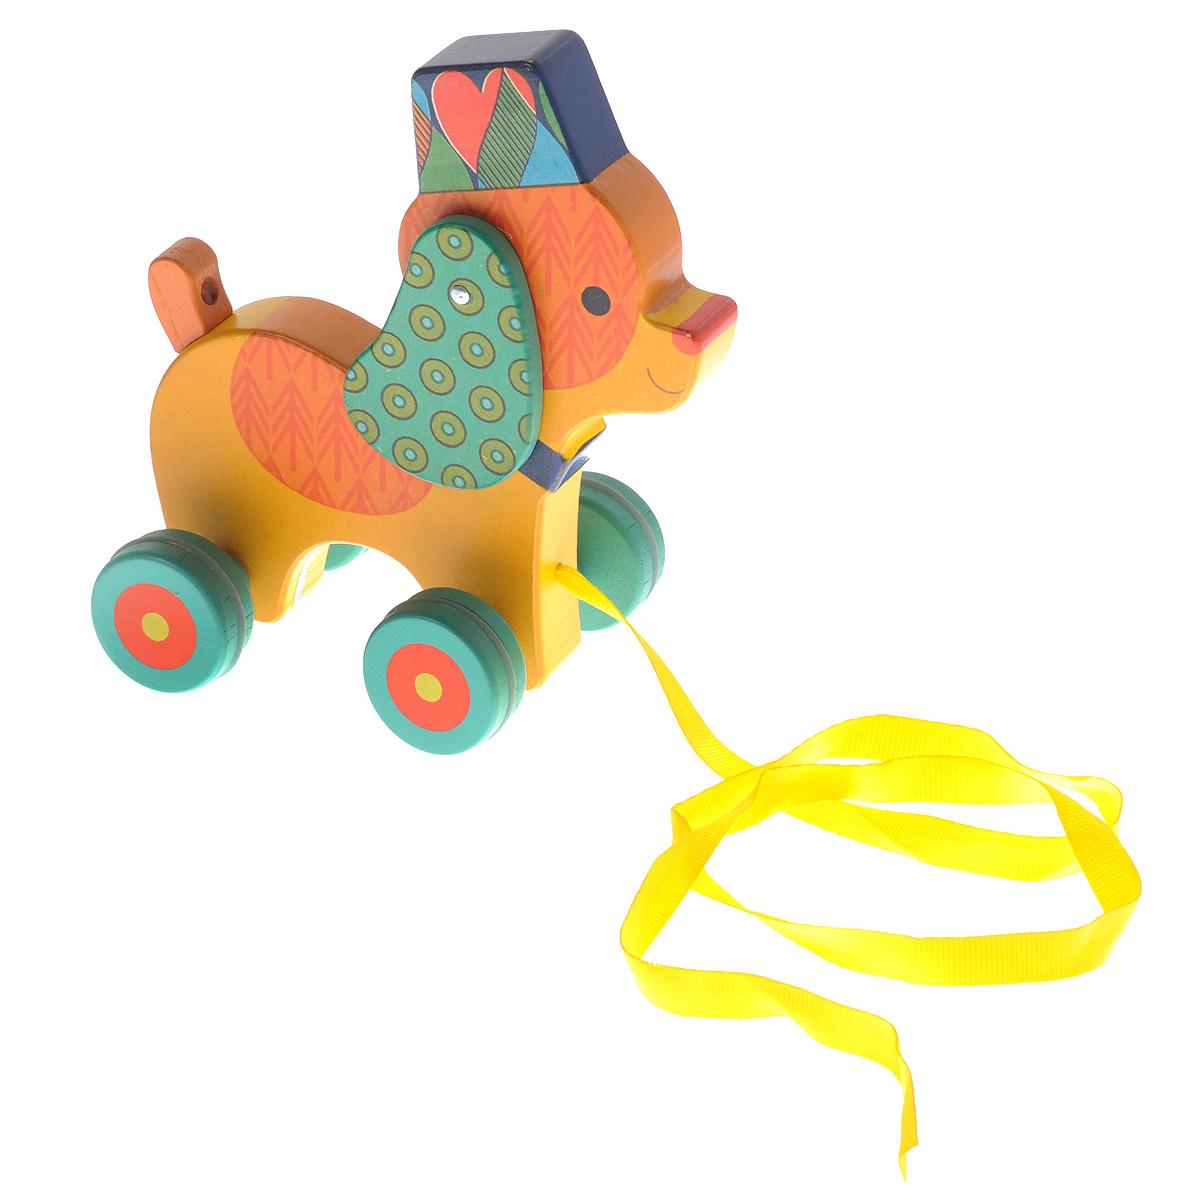 Djeco Деревянная игрушка-каталка Собачка Нэко06232Деревянная игрушка-каталка Djeco Собачка Нэко выполнена из дерева с использованием нетоксичных красок в виде забавной собачки с подвижными ушками. Края игрушки закруглены, чтобы избежать вероятности травмирования. Каталка оснащена четырьмя колесиками. За текстильную ленточку малыш сможет возить игрушку за собой. Яркая игрушка-каталка Djeco Собачка Нэко развивает пространственное мышление, цветовое восприятие, ловкость, равновесие и координацию движений.